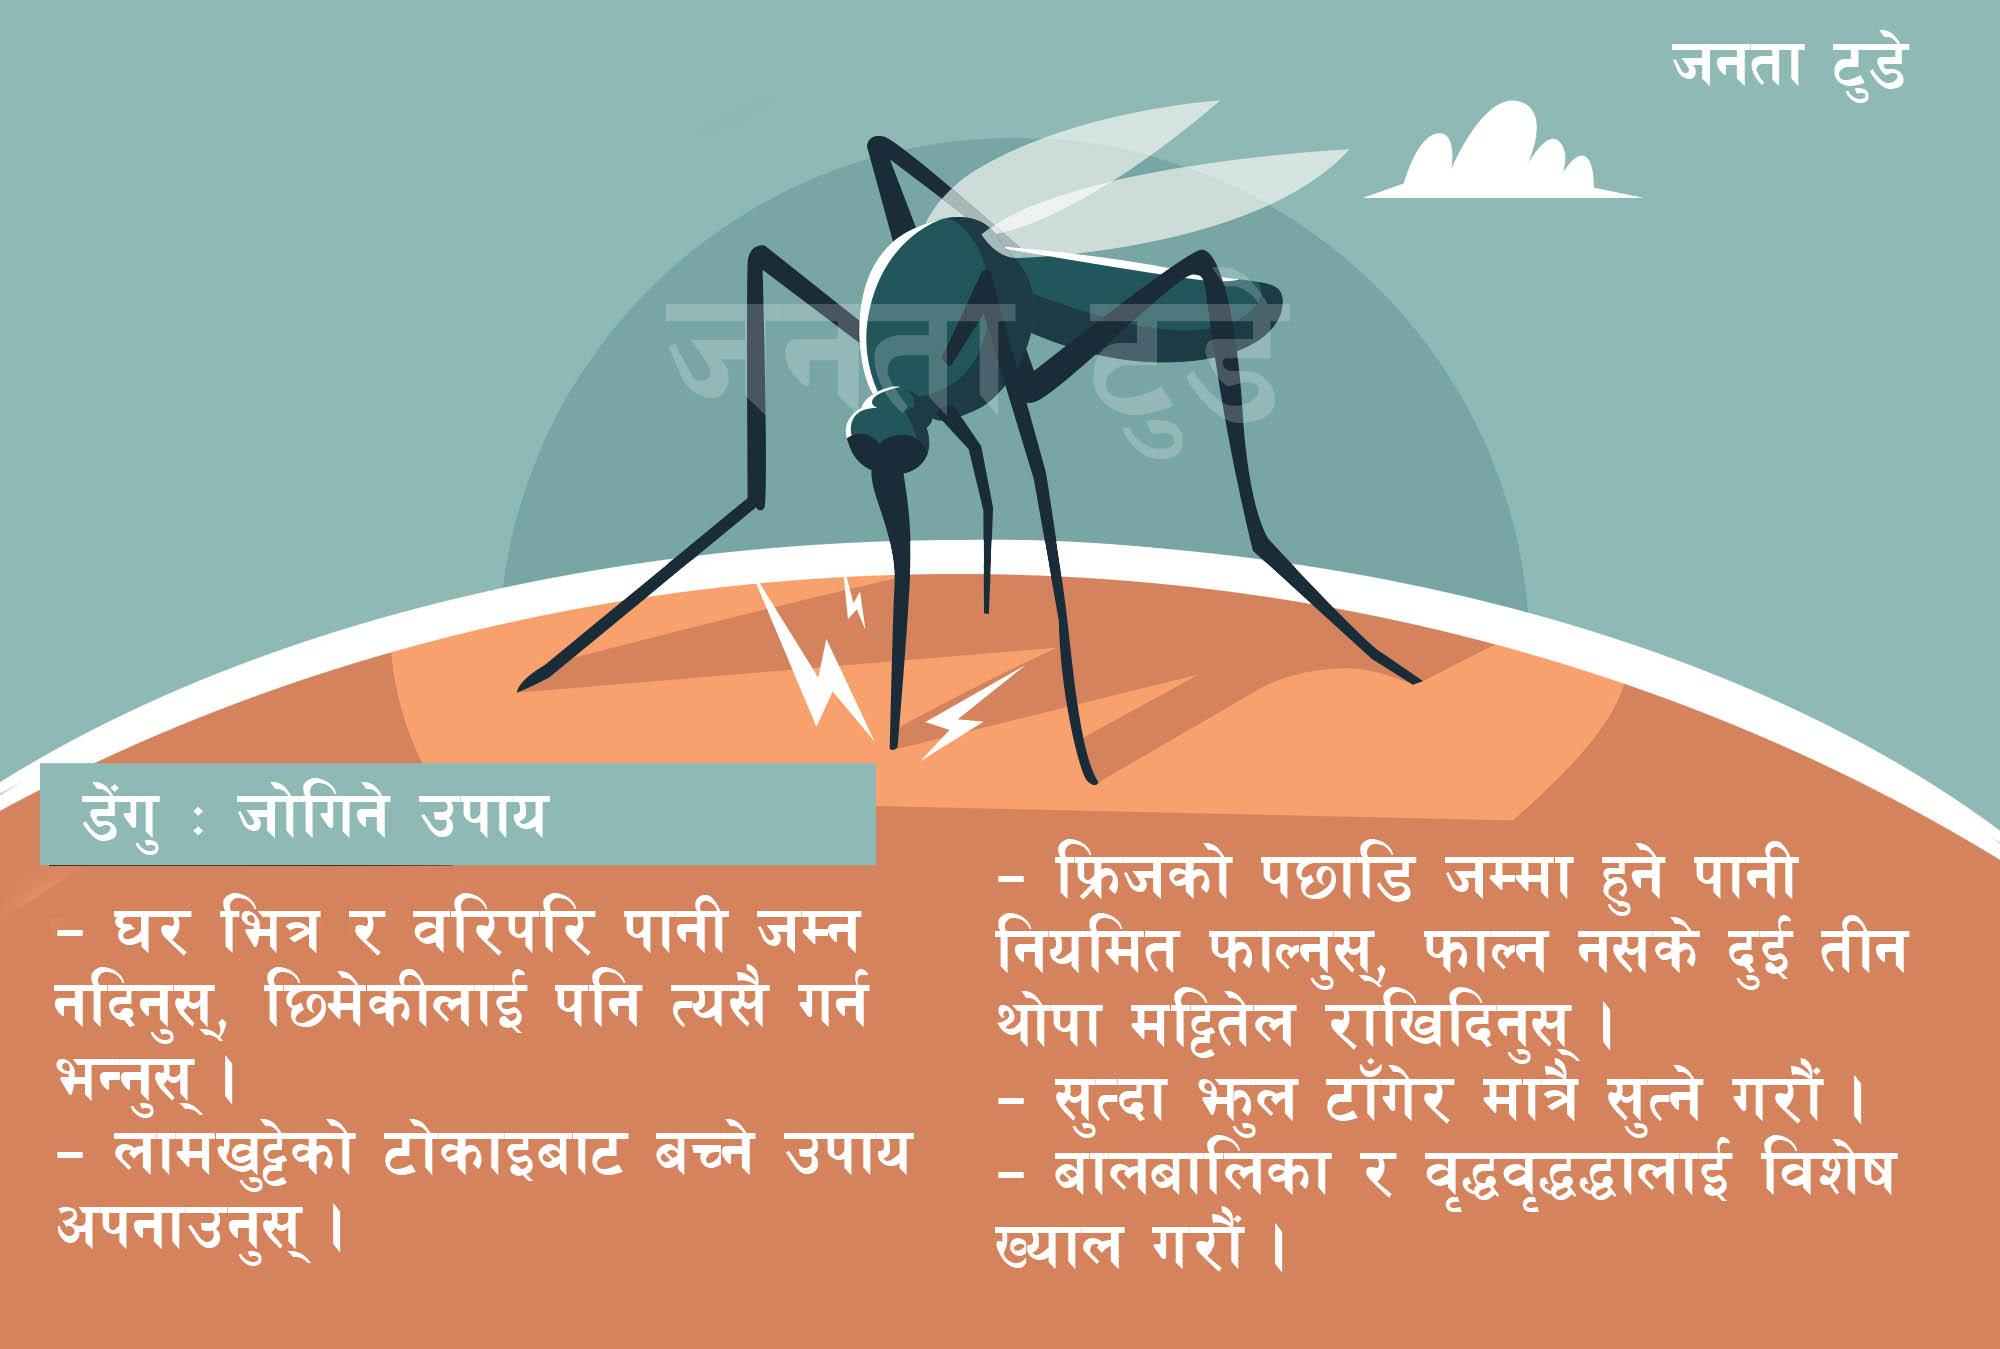 डेंगु रोगबारे नागरिकलाई सूचना प्रवाह गर्न सरकारलाई सूचना आयोगको आदेश